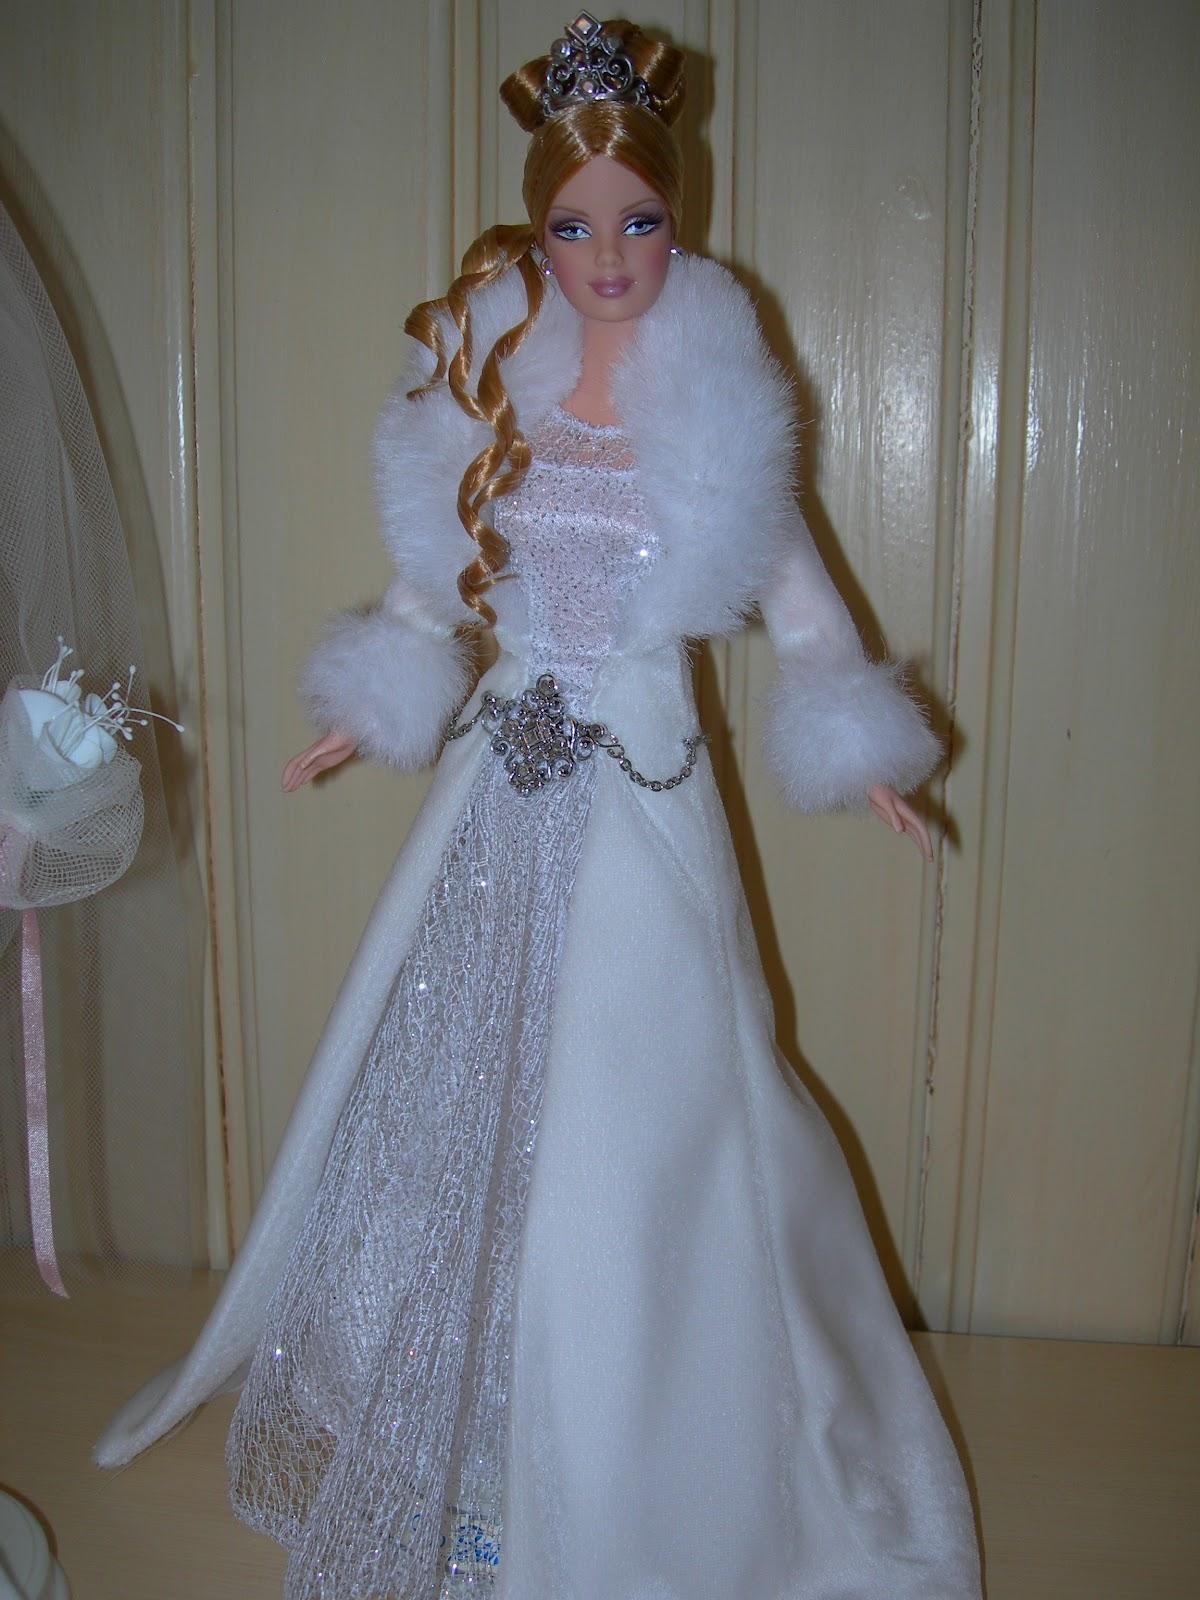 Maticake Le Mie Barbie Da Collezione